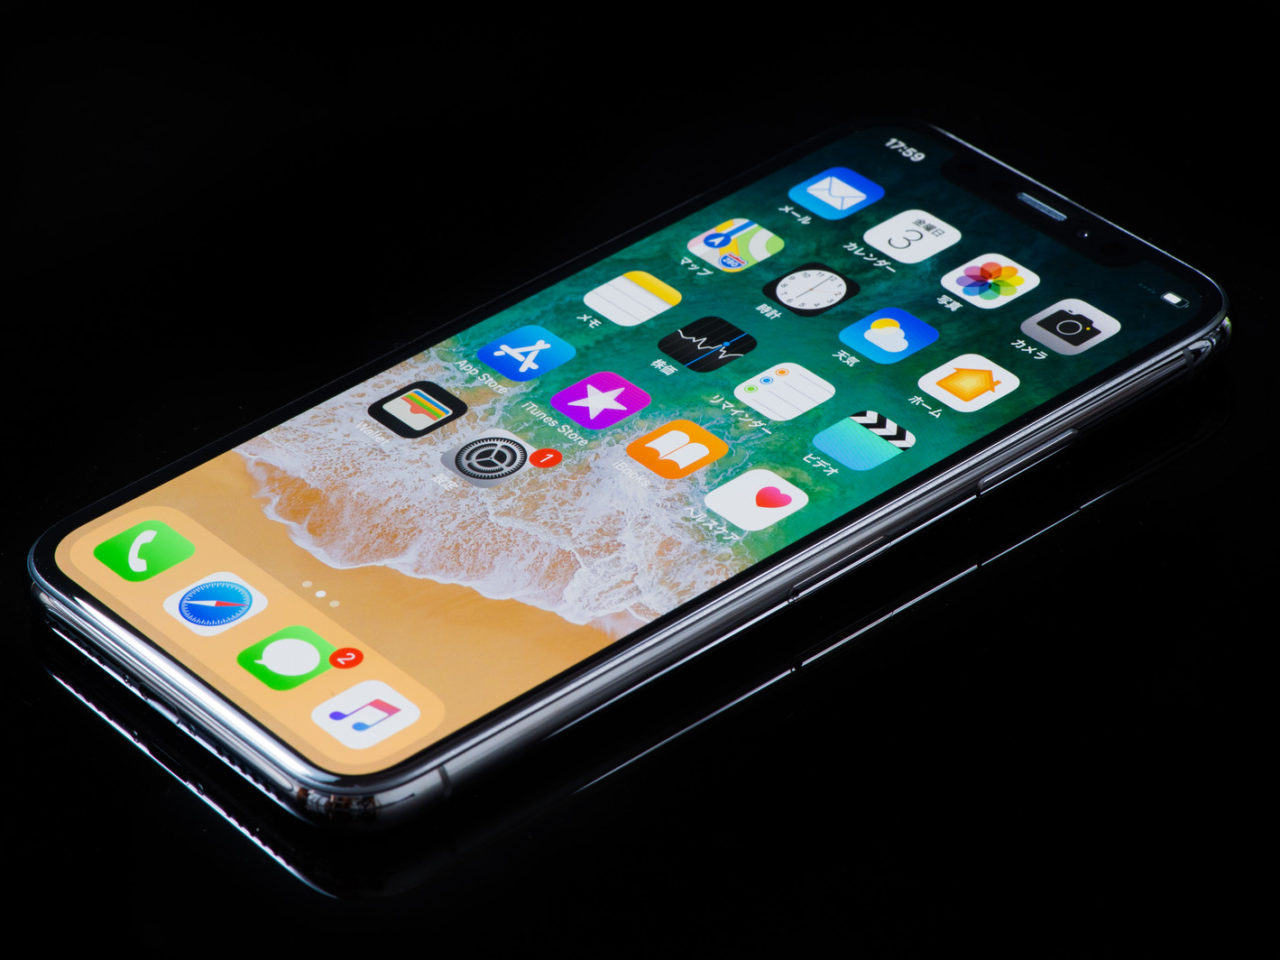 Appライブラリへ移動からの戻し方&戻す方法を解説!iPhoneのiOS14新機能のサムネイル画像